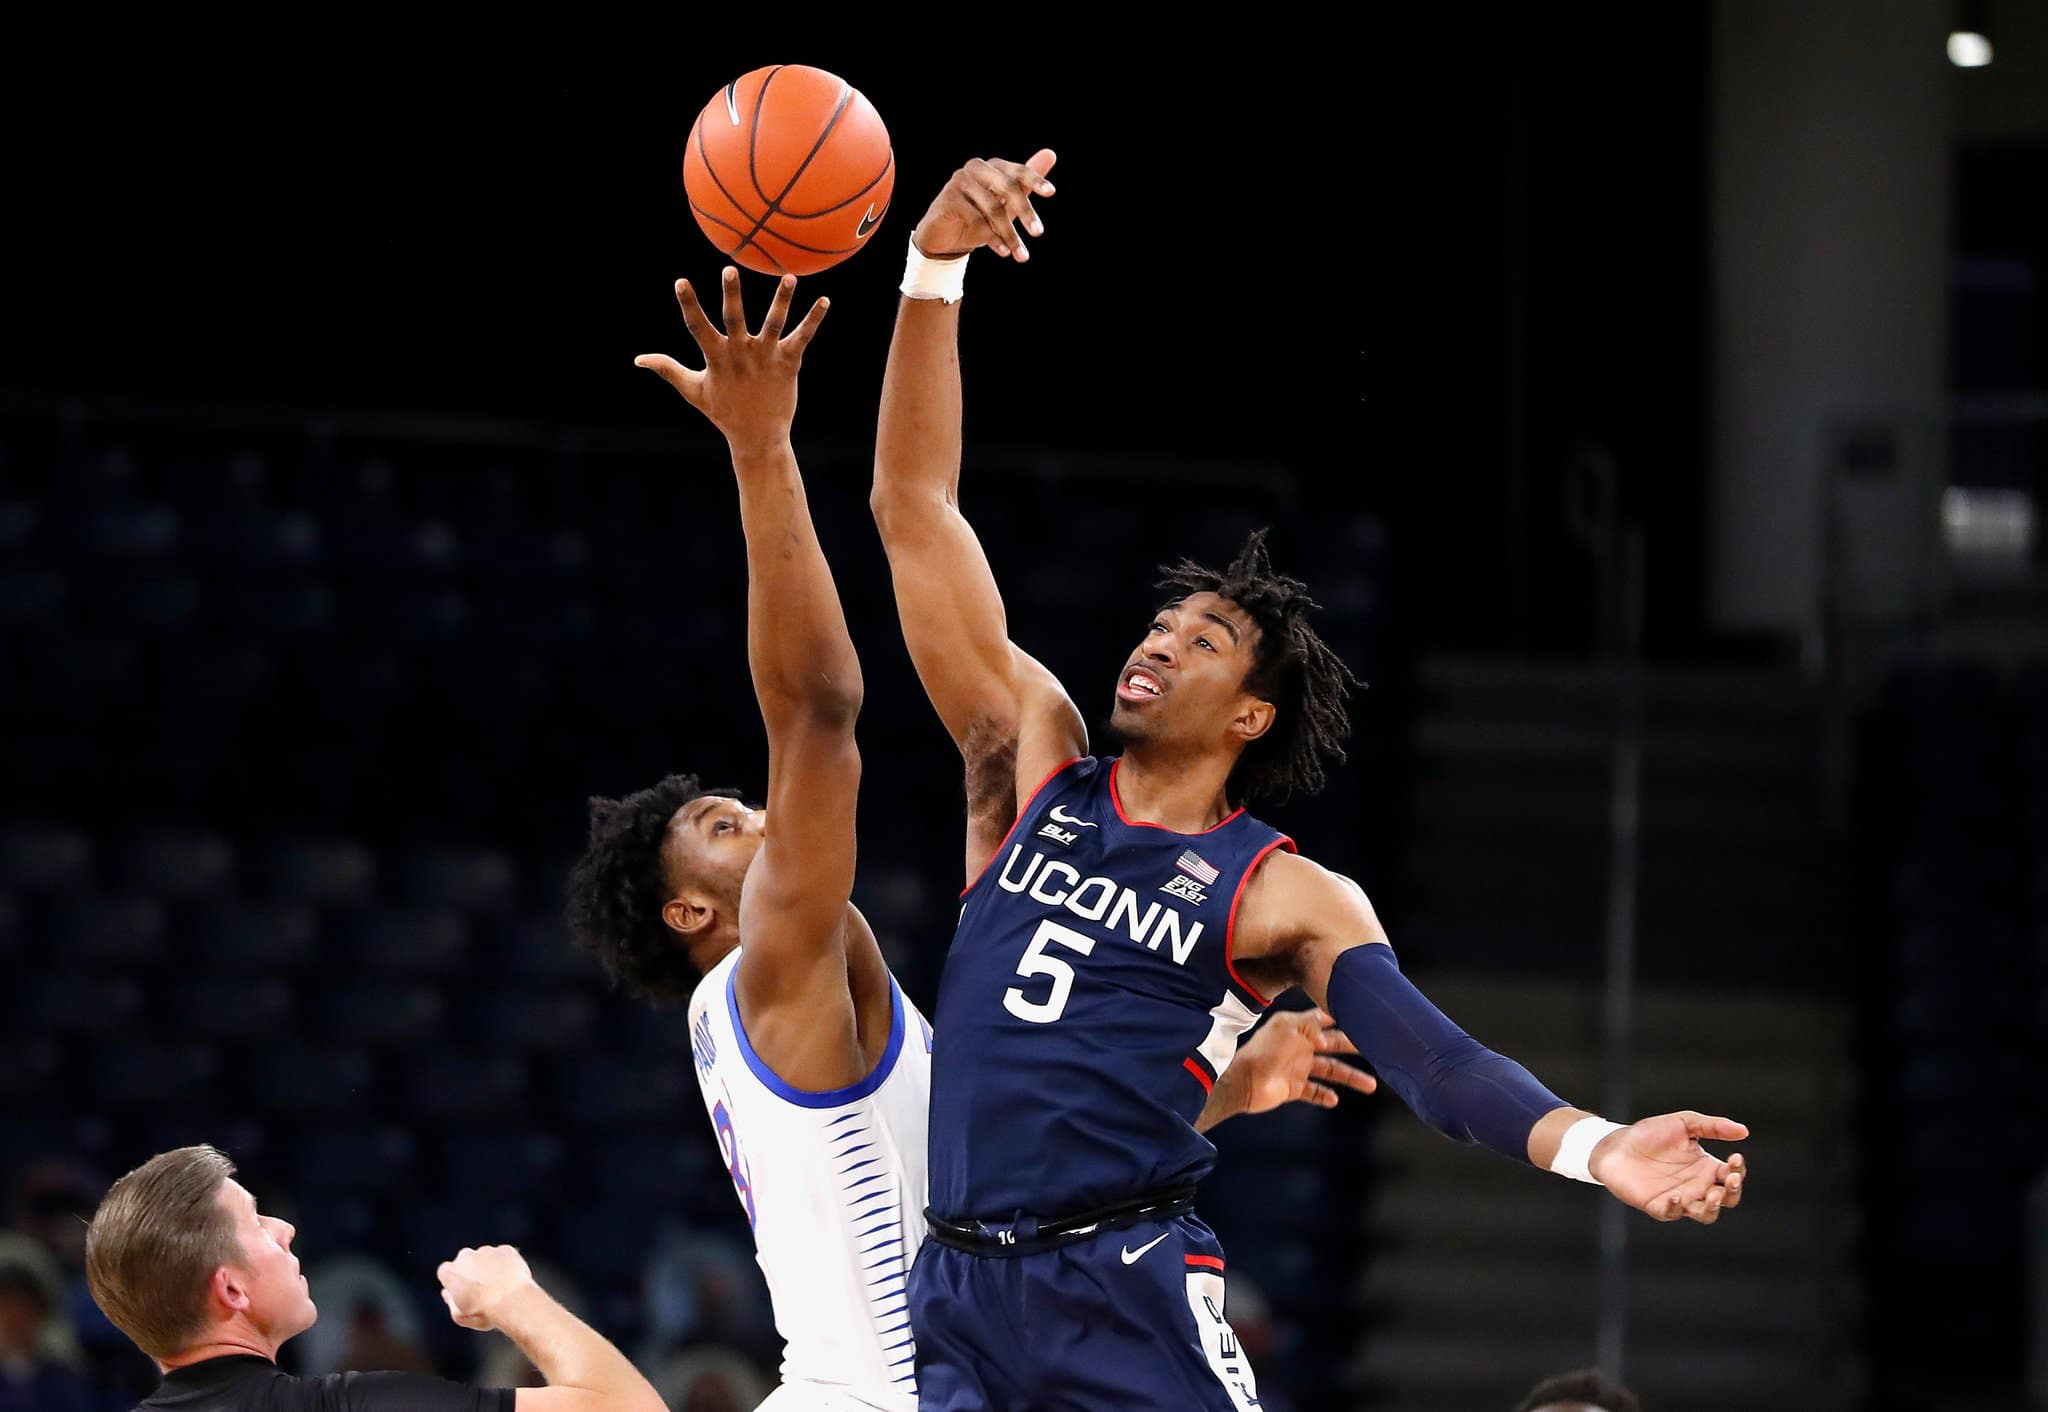 UConn basketball